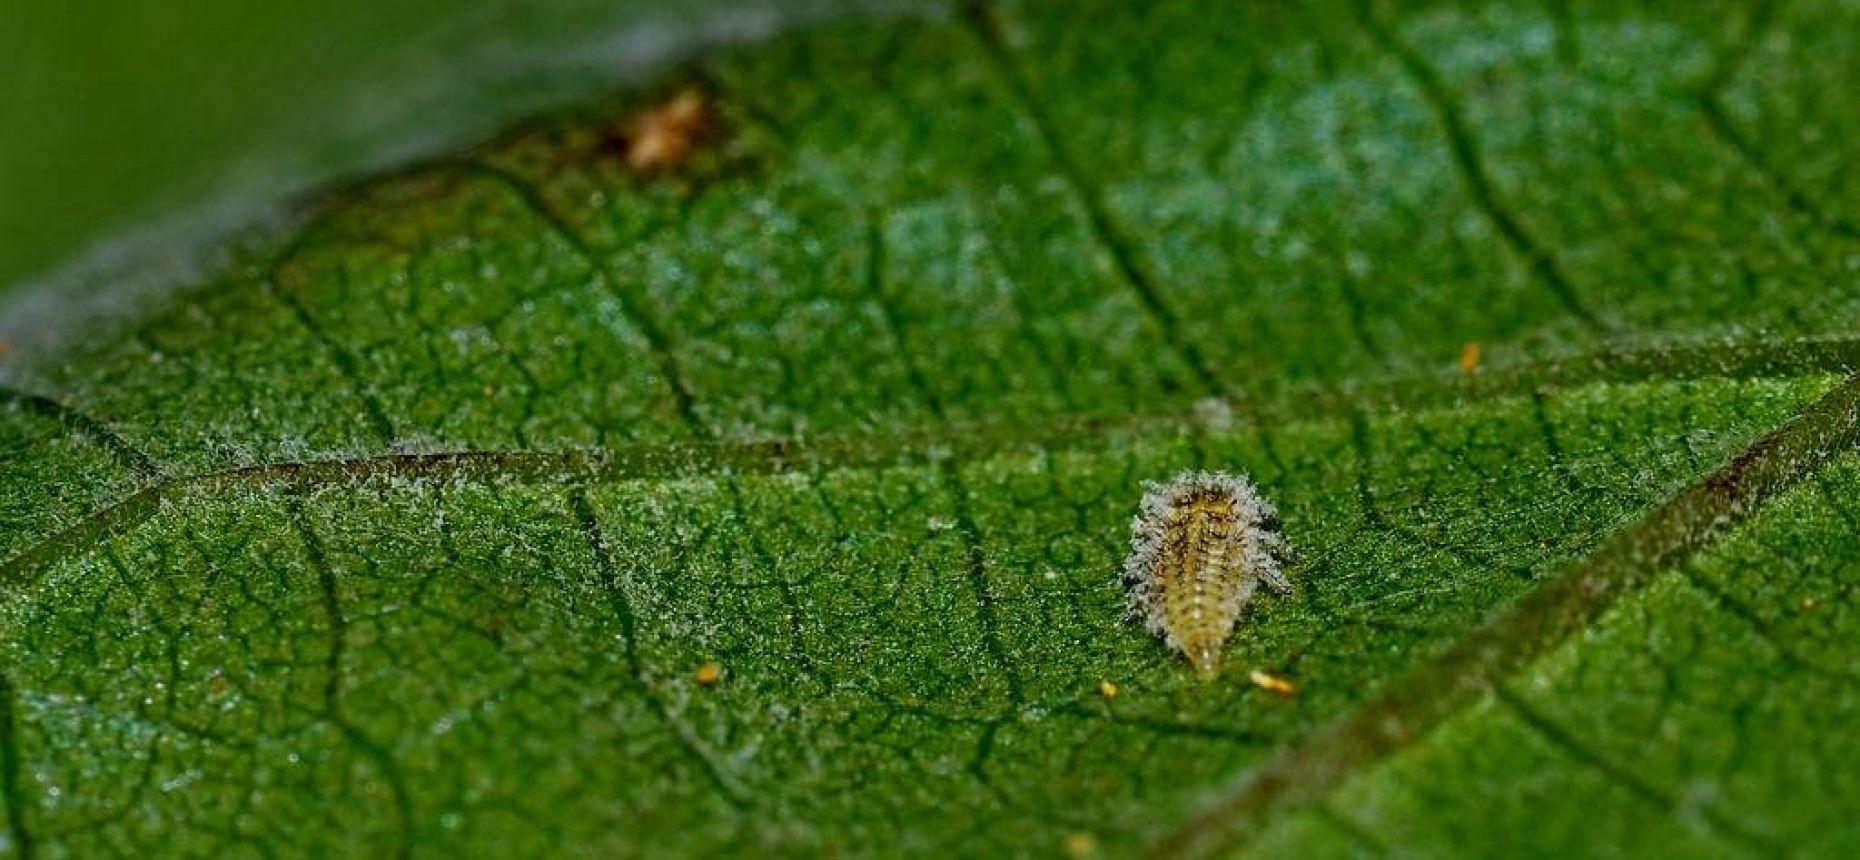 Филлоксера (Тля виноградная) - Viteus vitifolii Fitch.